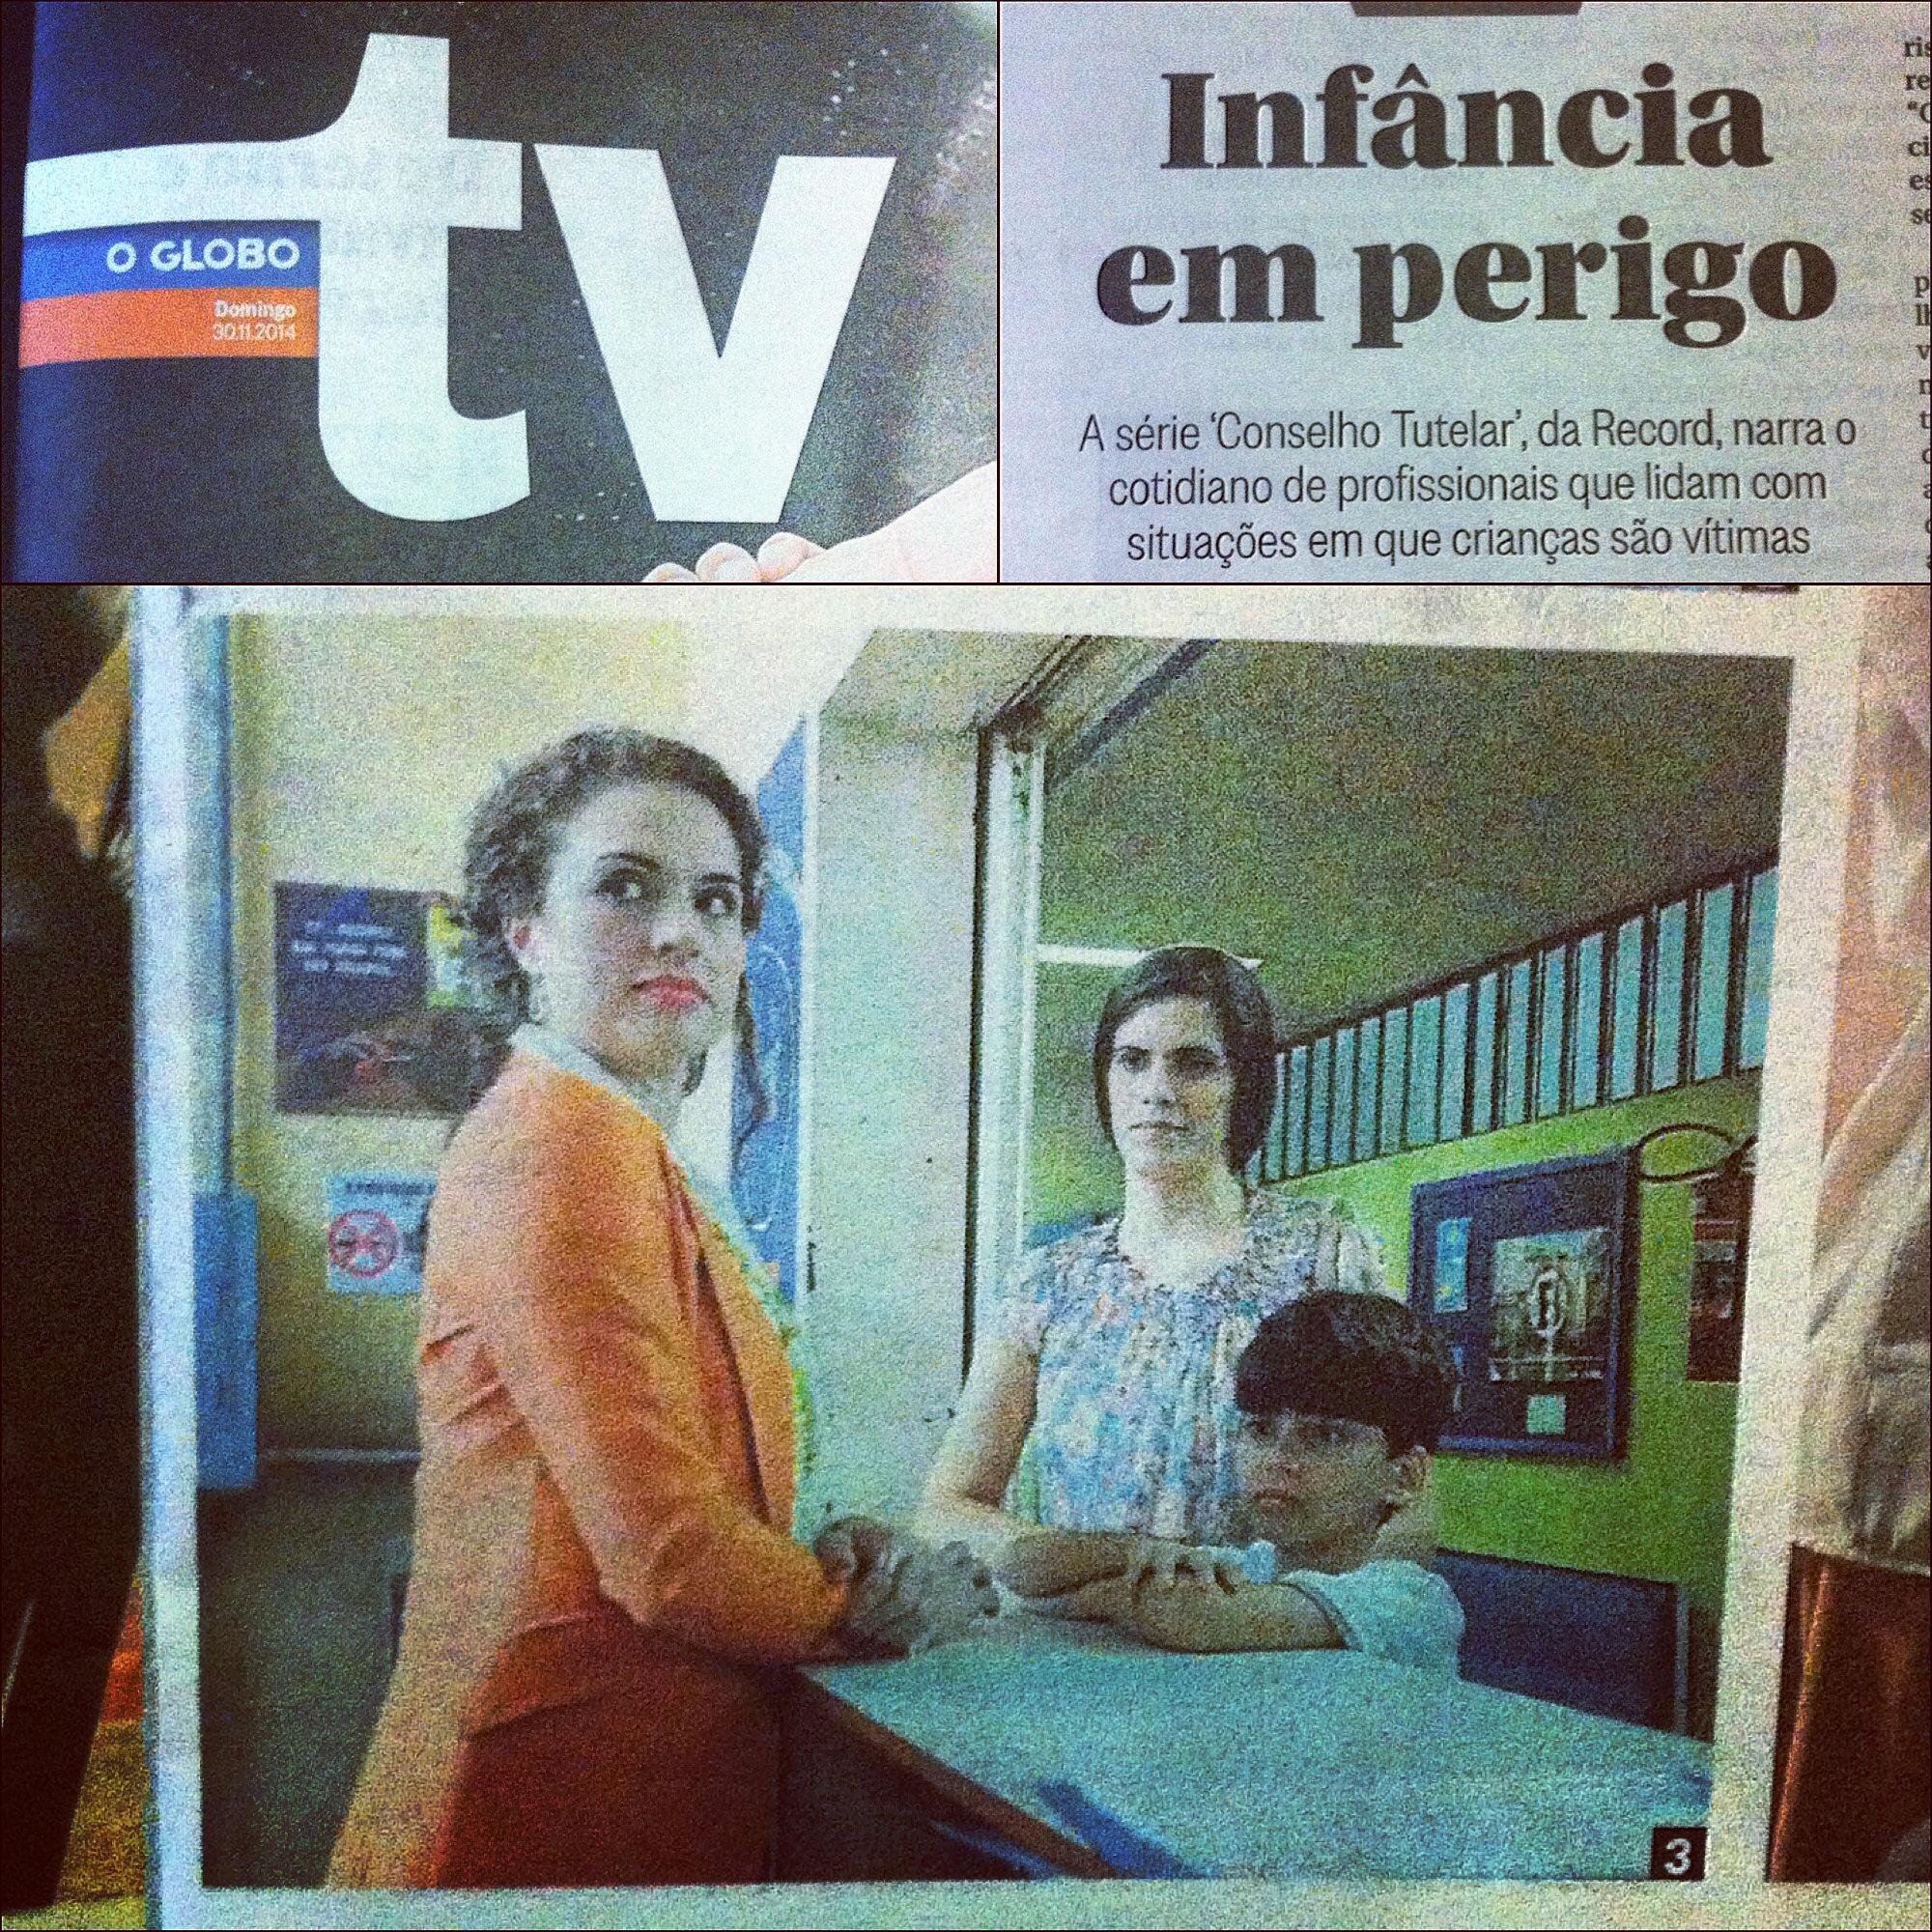 REVISTA TV O GLOBO 31.11.14.jpg